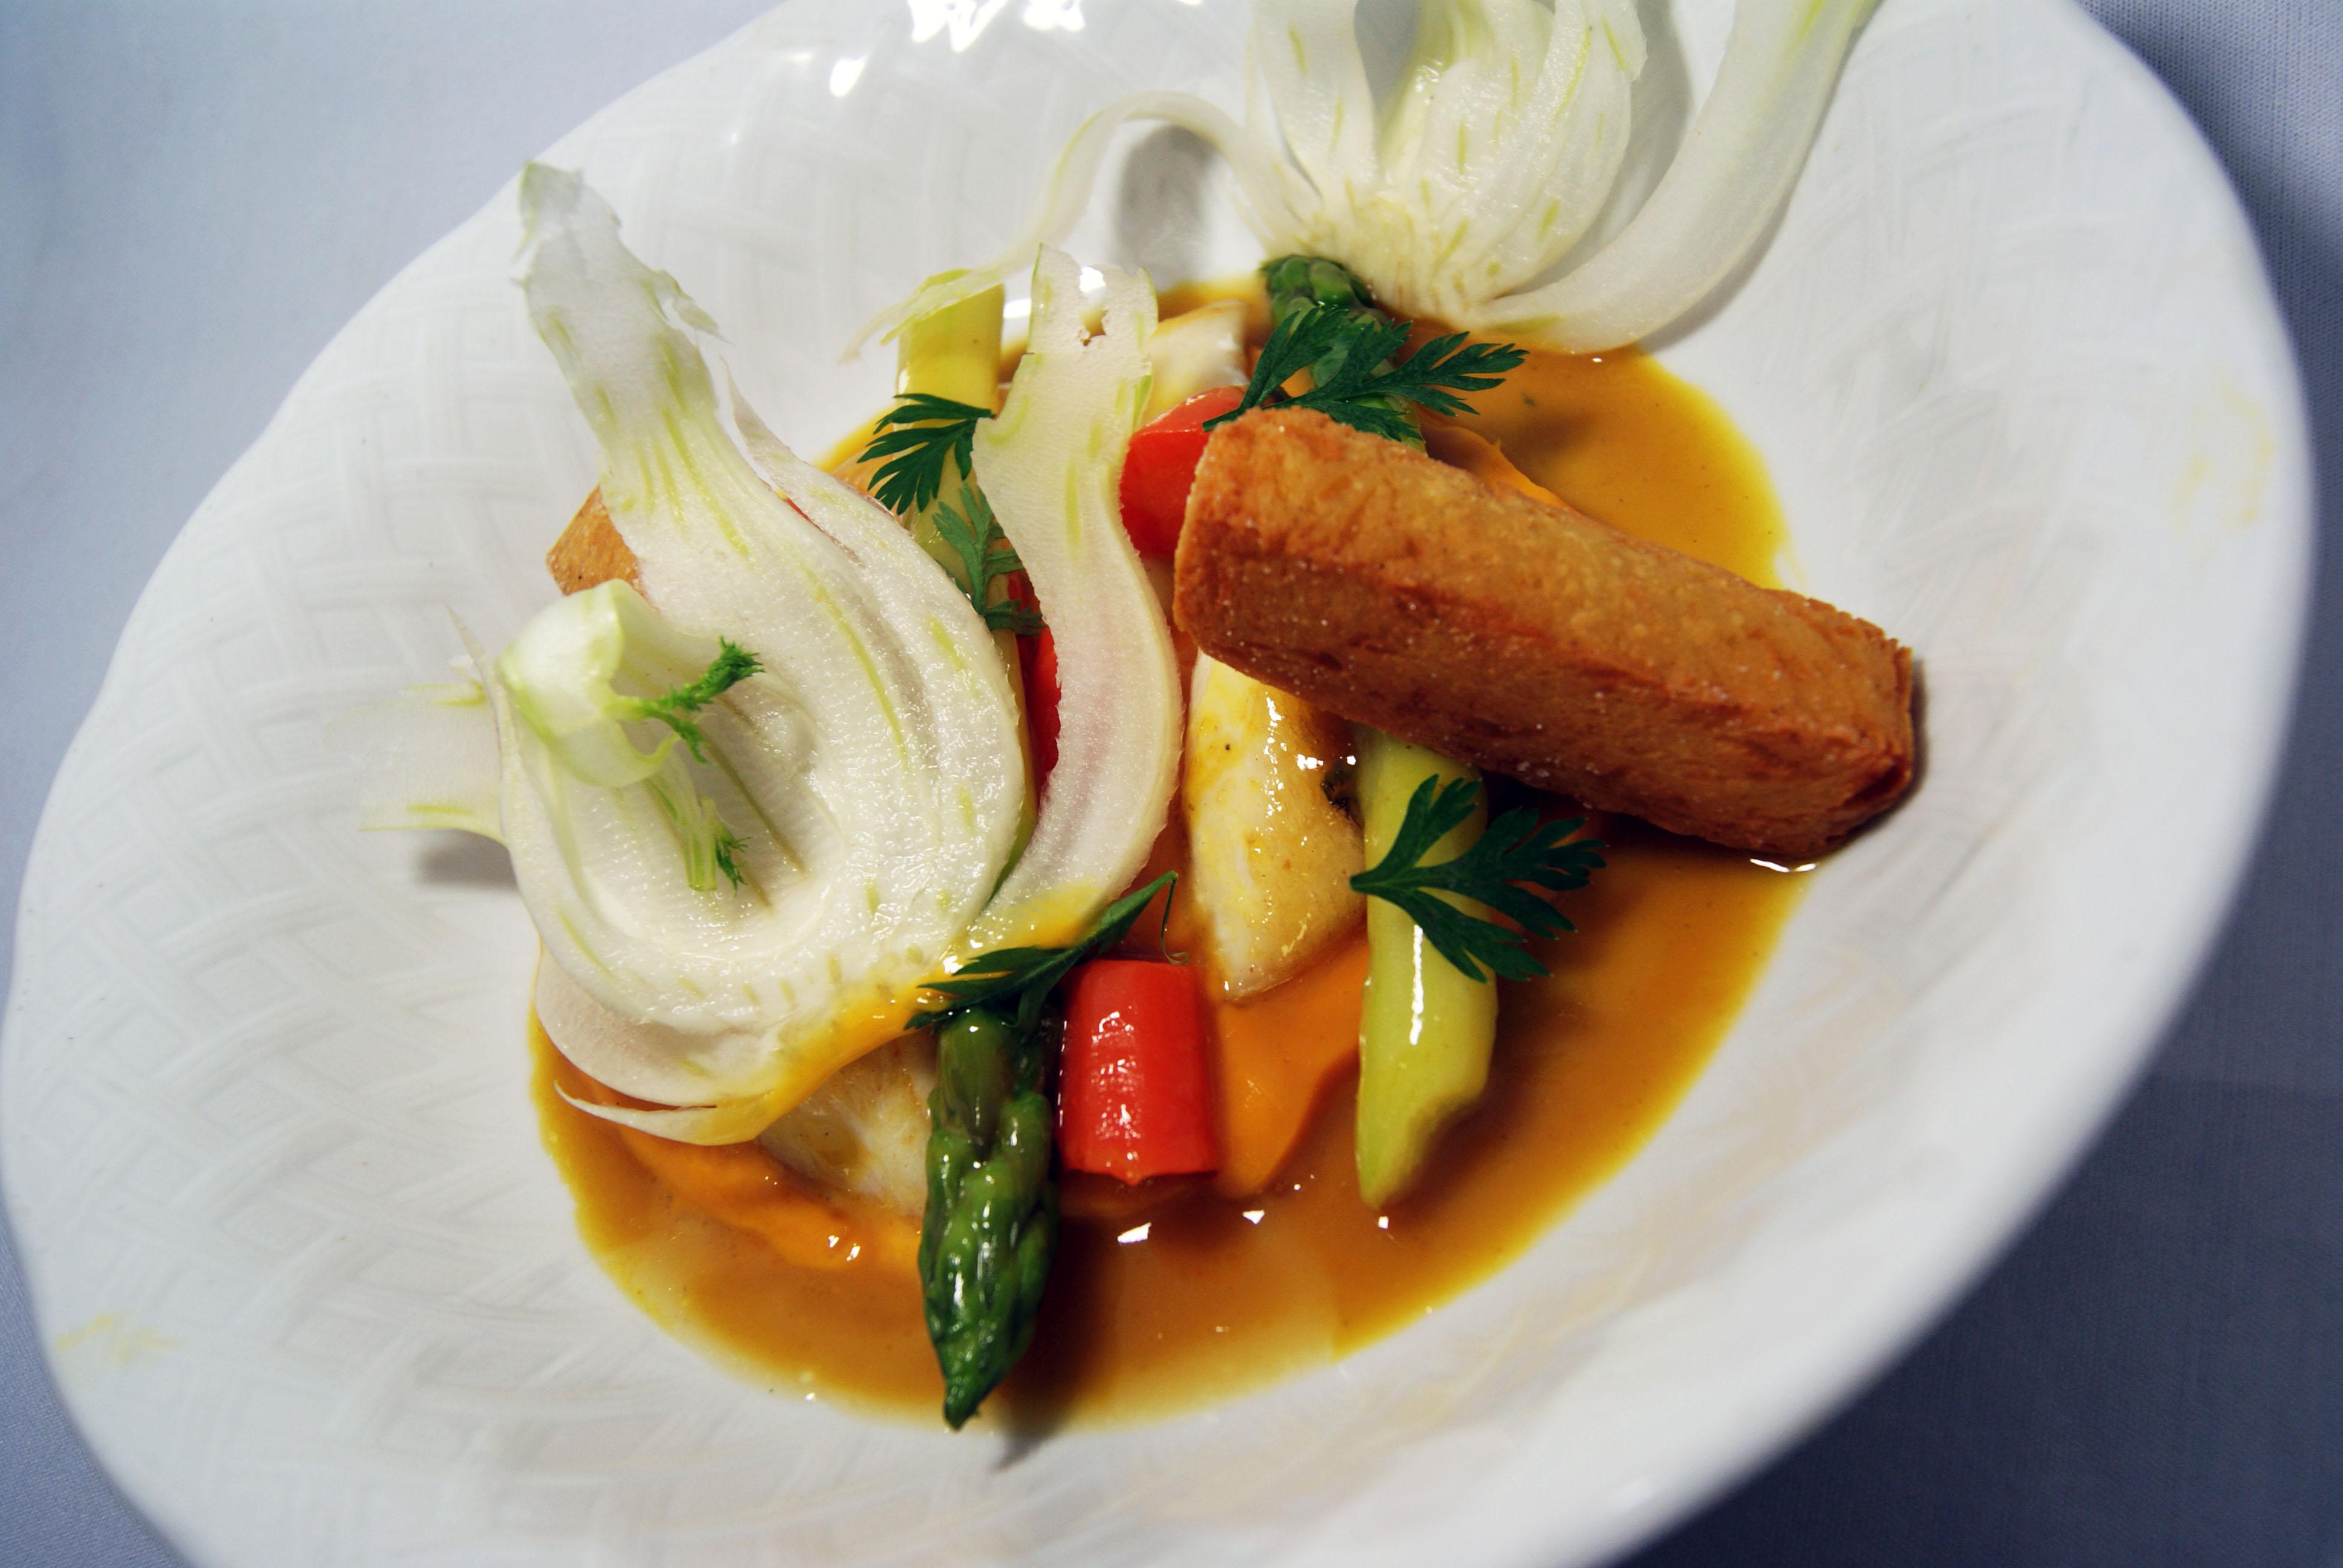 Cours De Cuisine Pyrenees Atlantiques cours de cuisine & repas 1 personne